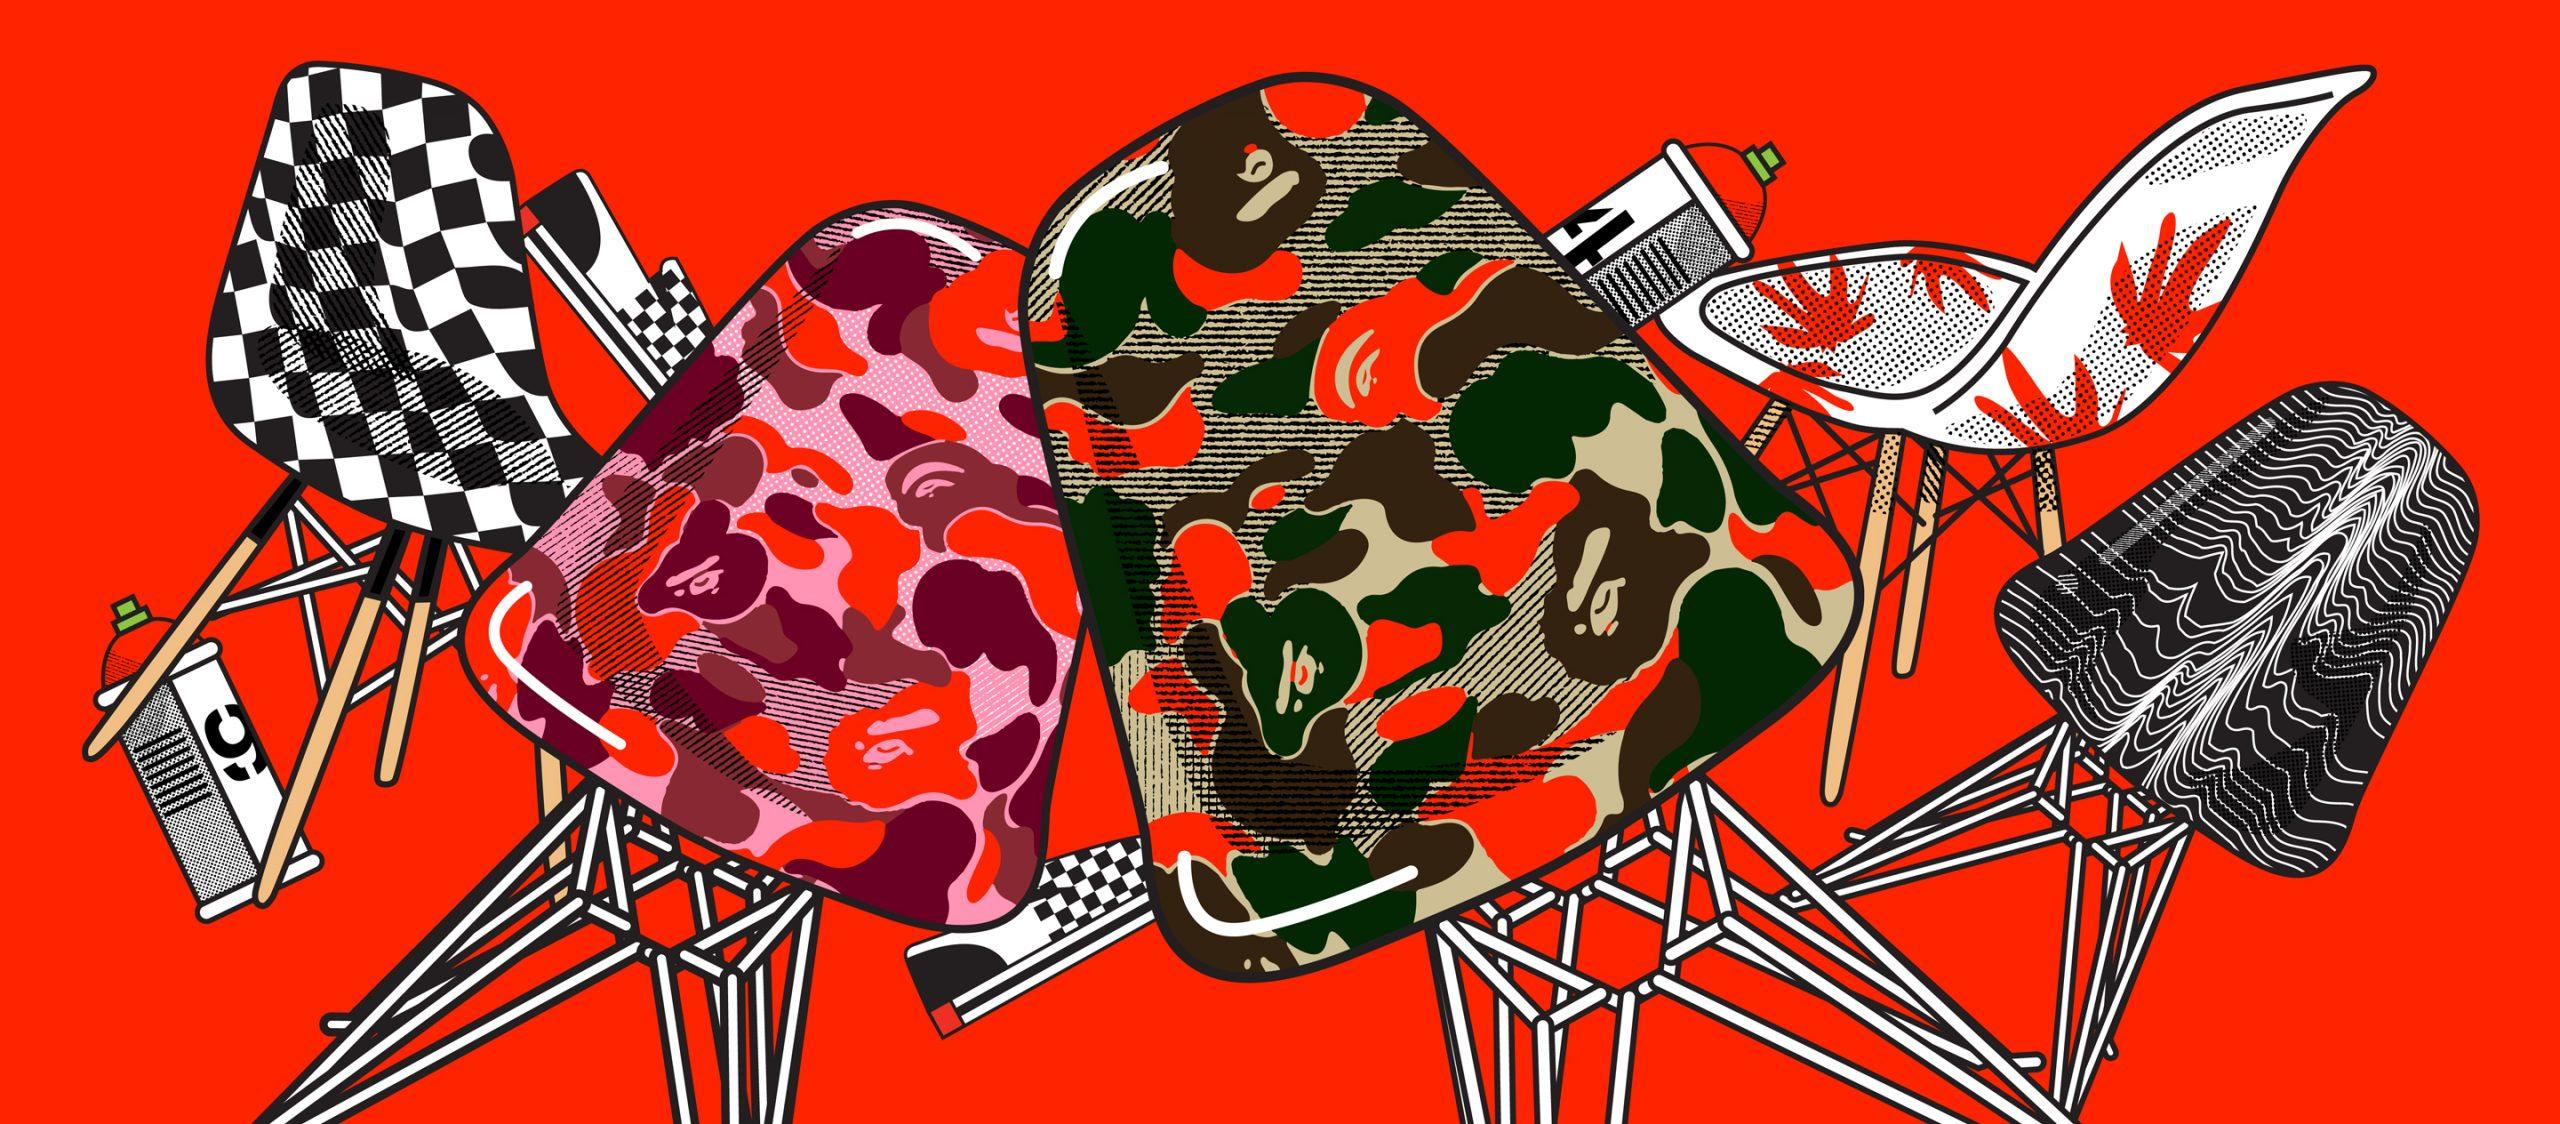 เมื่อเก้าอี้คือผืนผ้าใบหลอมรวมศิลปะและแฟชั่น จนกลายเป็นของสะสมในสไตล์ของ Modernica